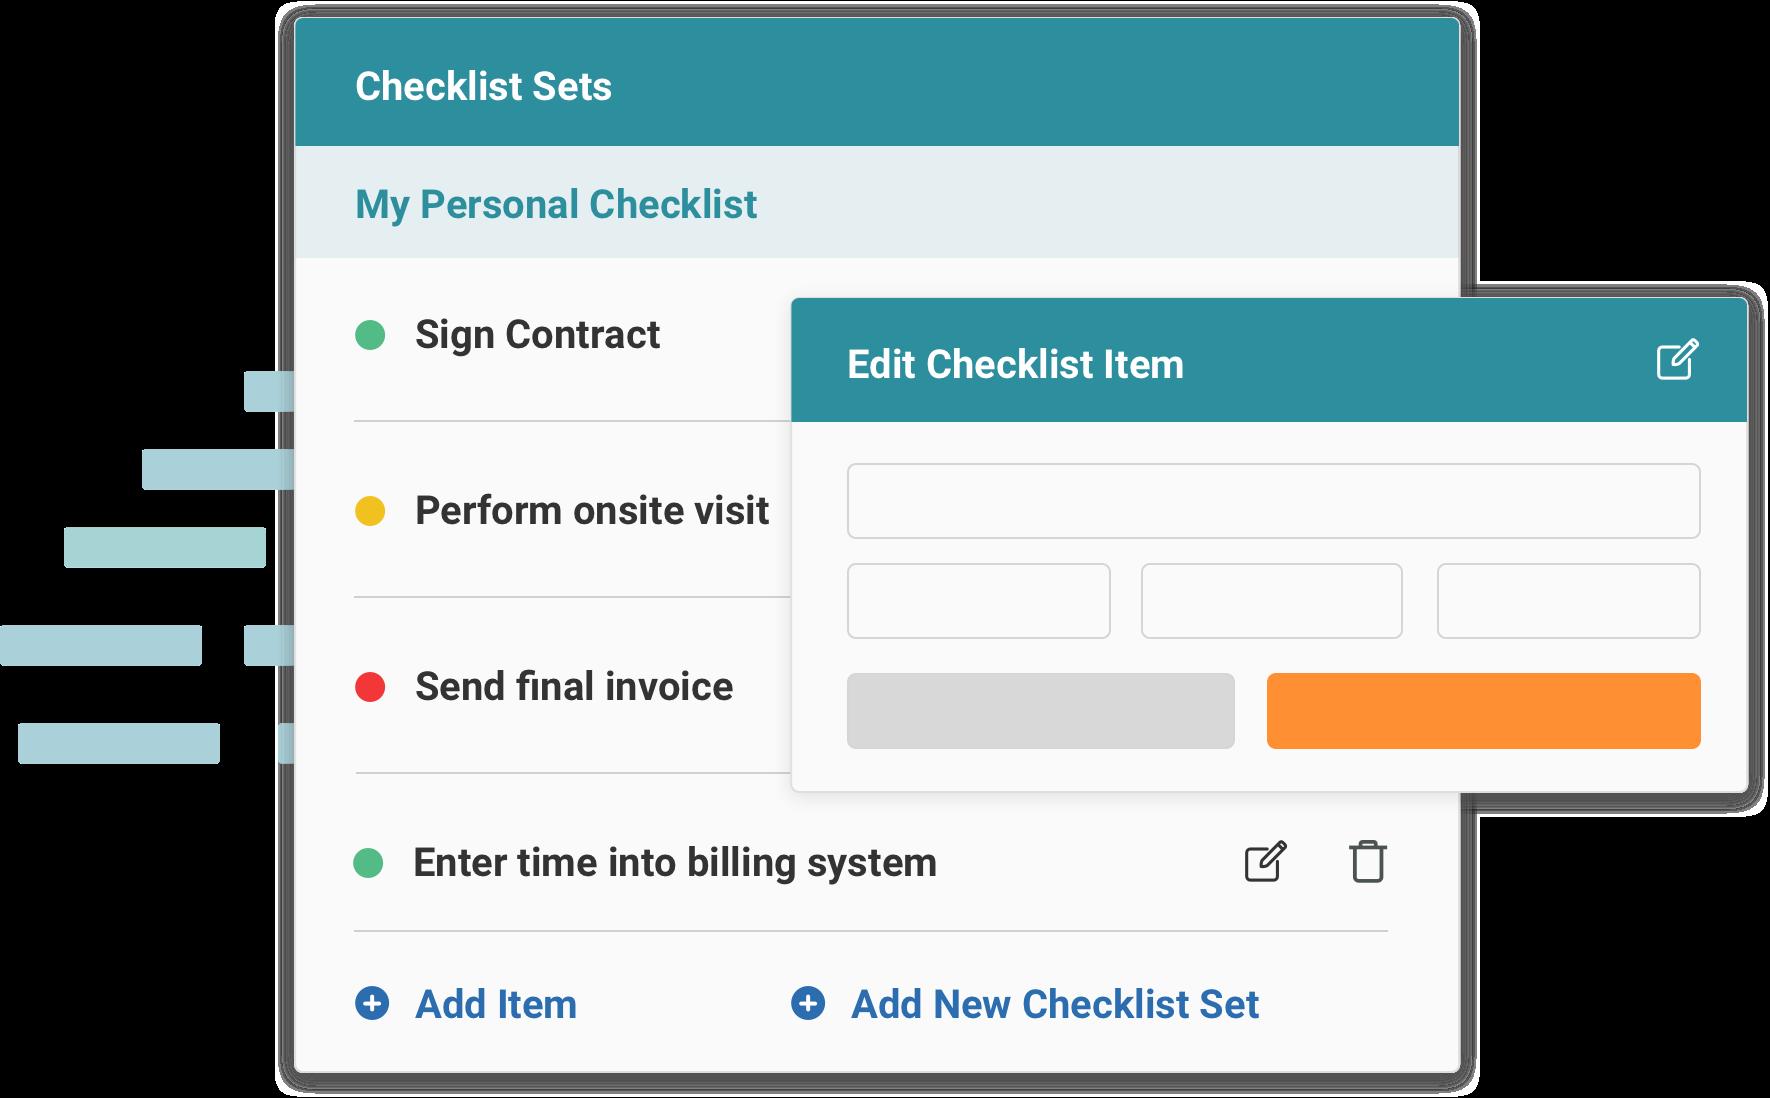 Service Provider Checklist